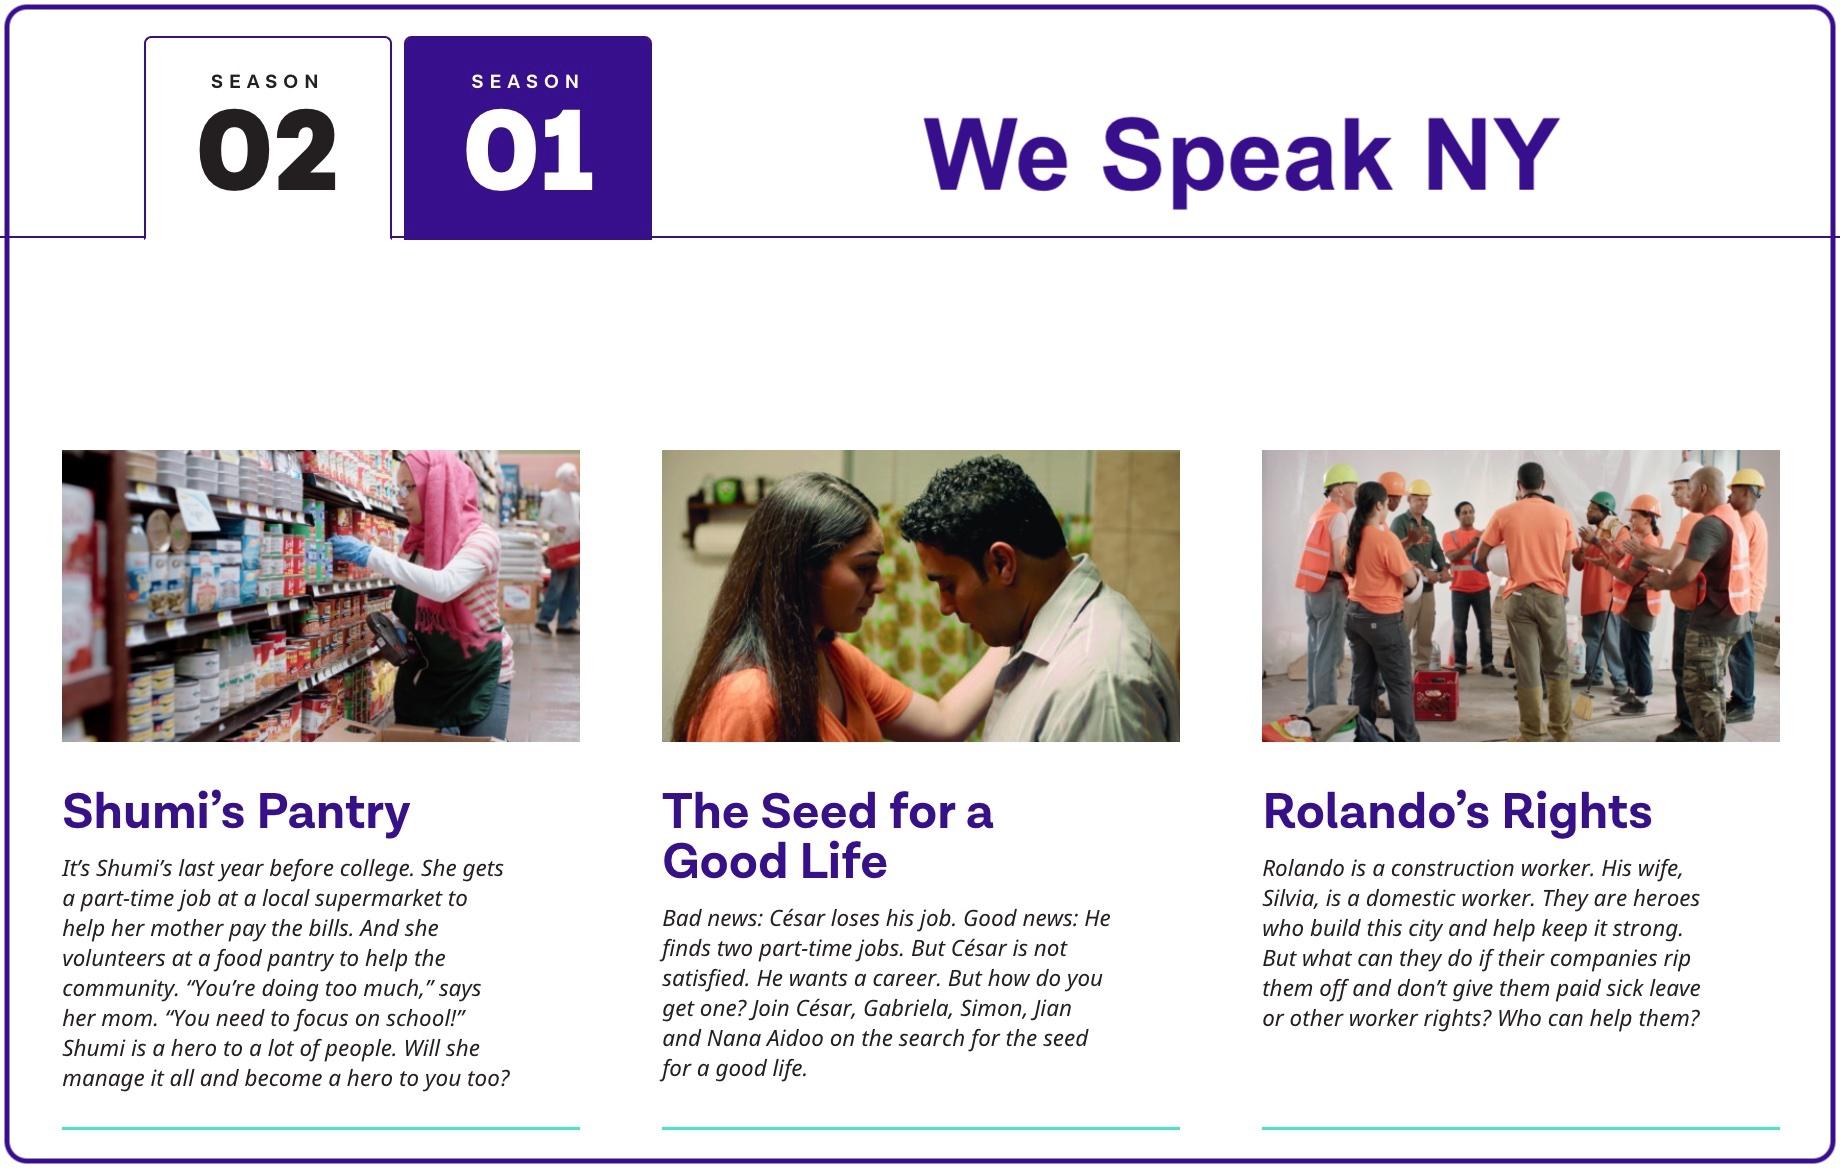 We Speak NYC